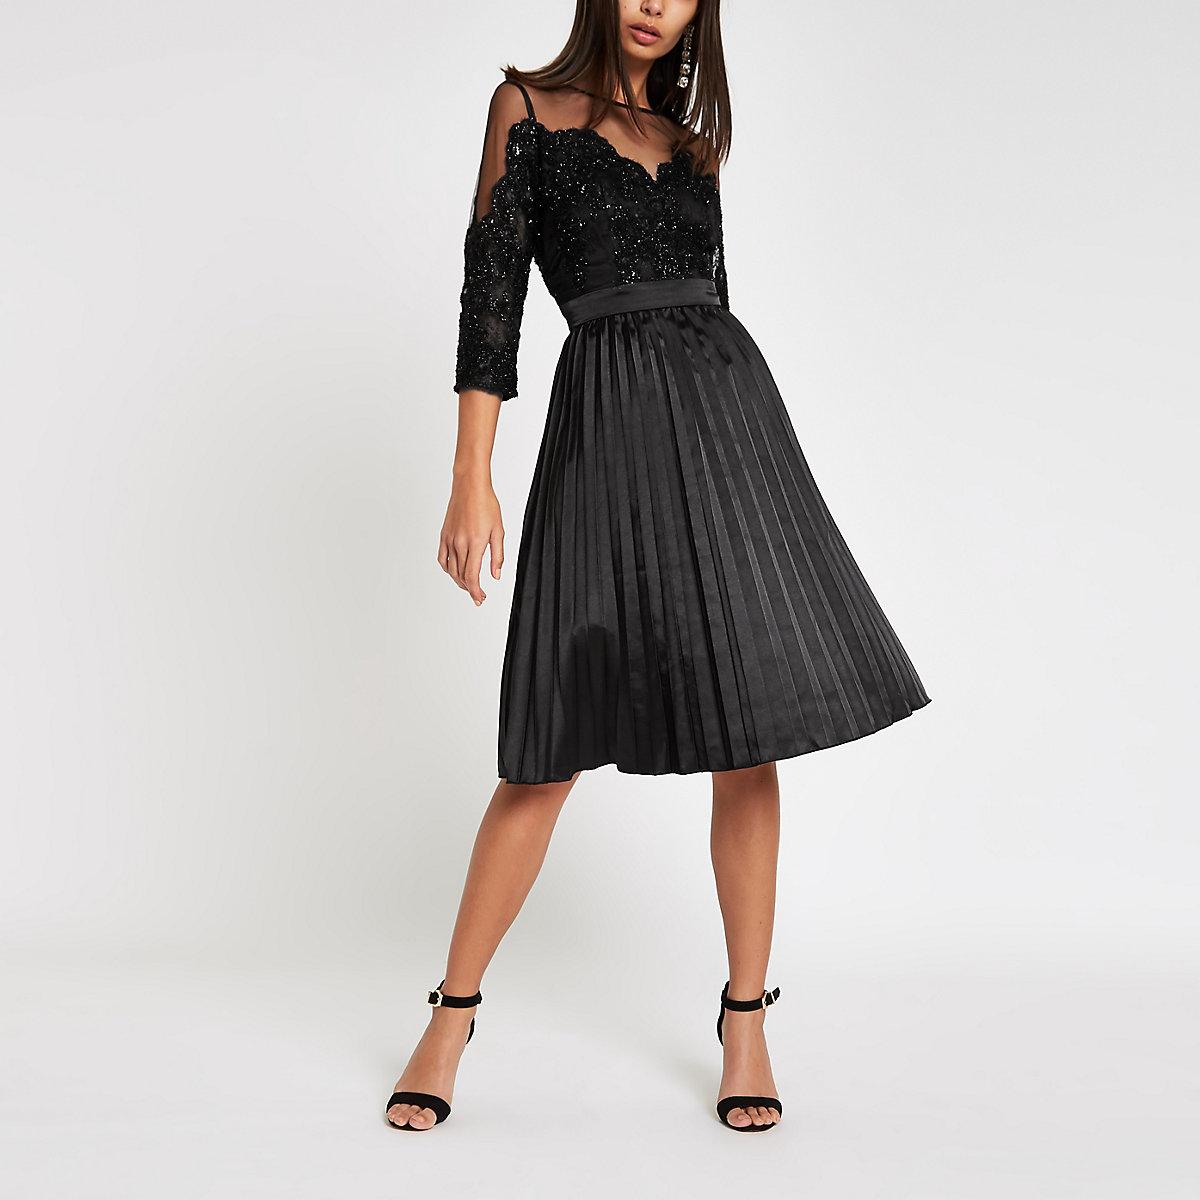 Chi Chi London black lace mesh flare dress